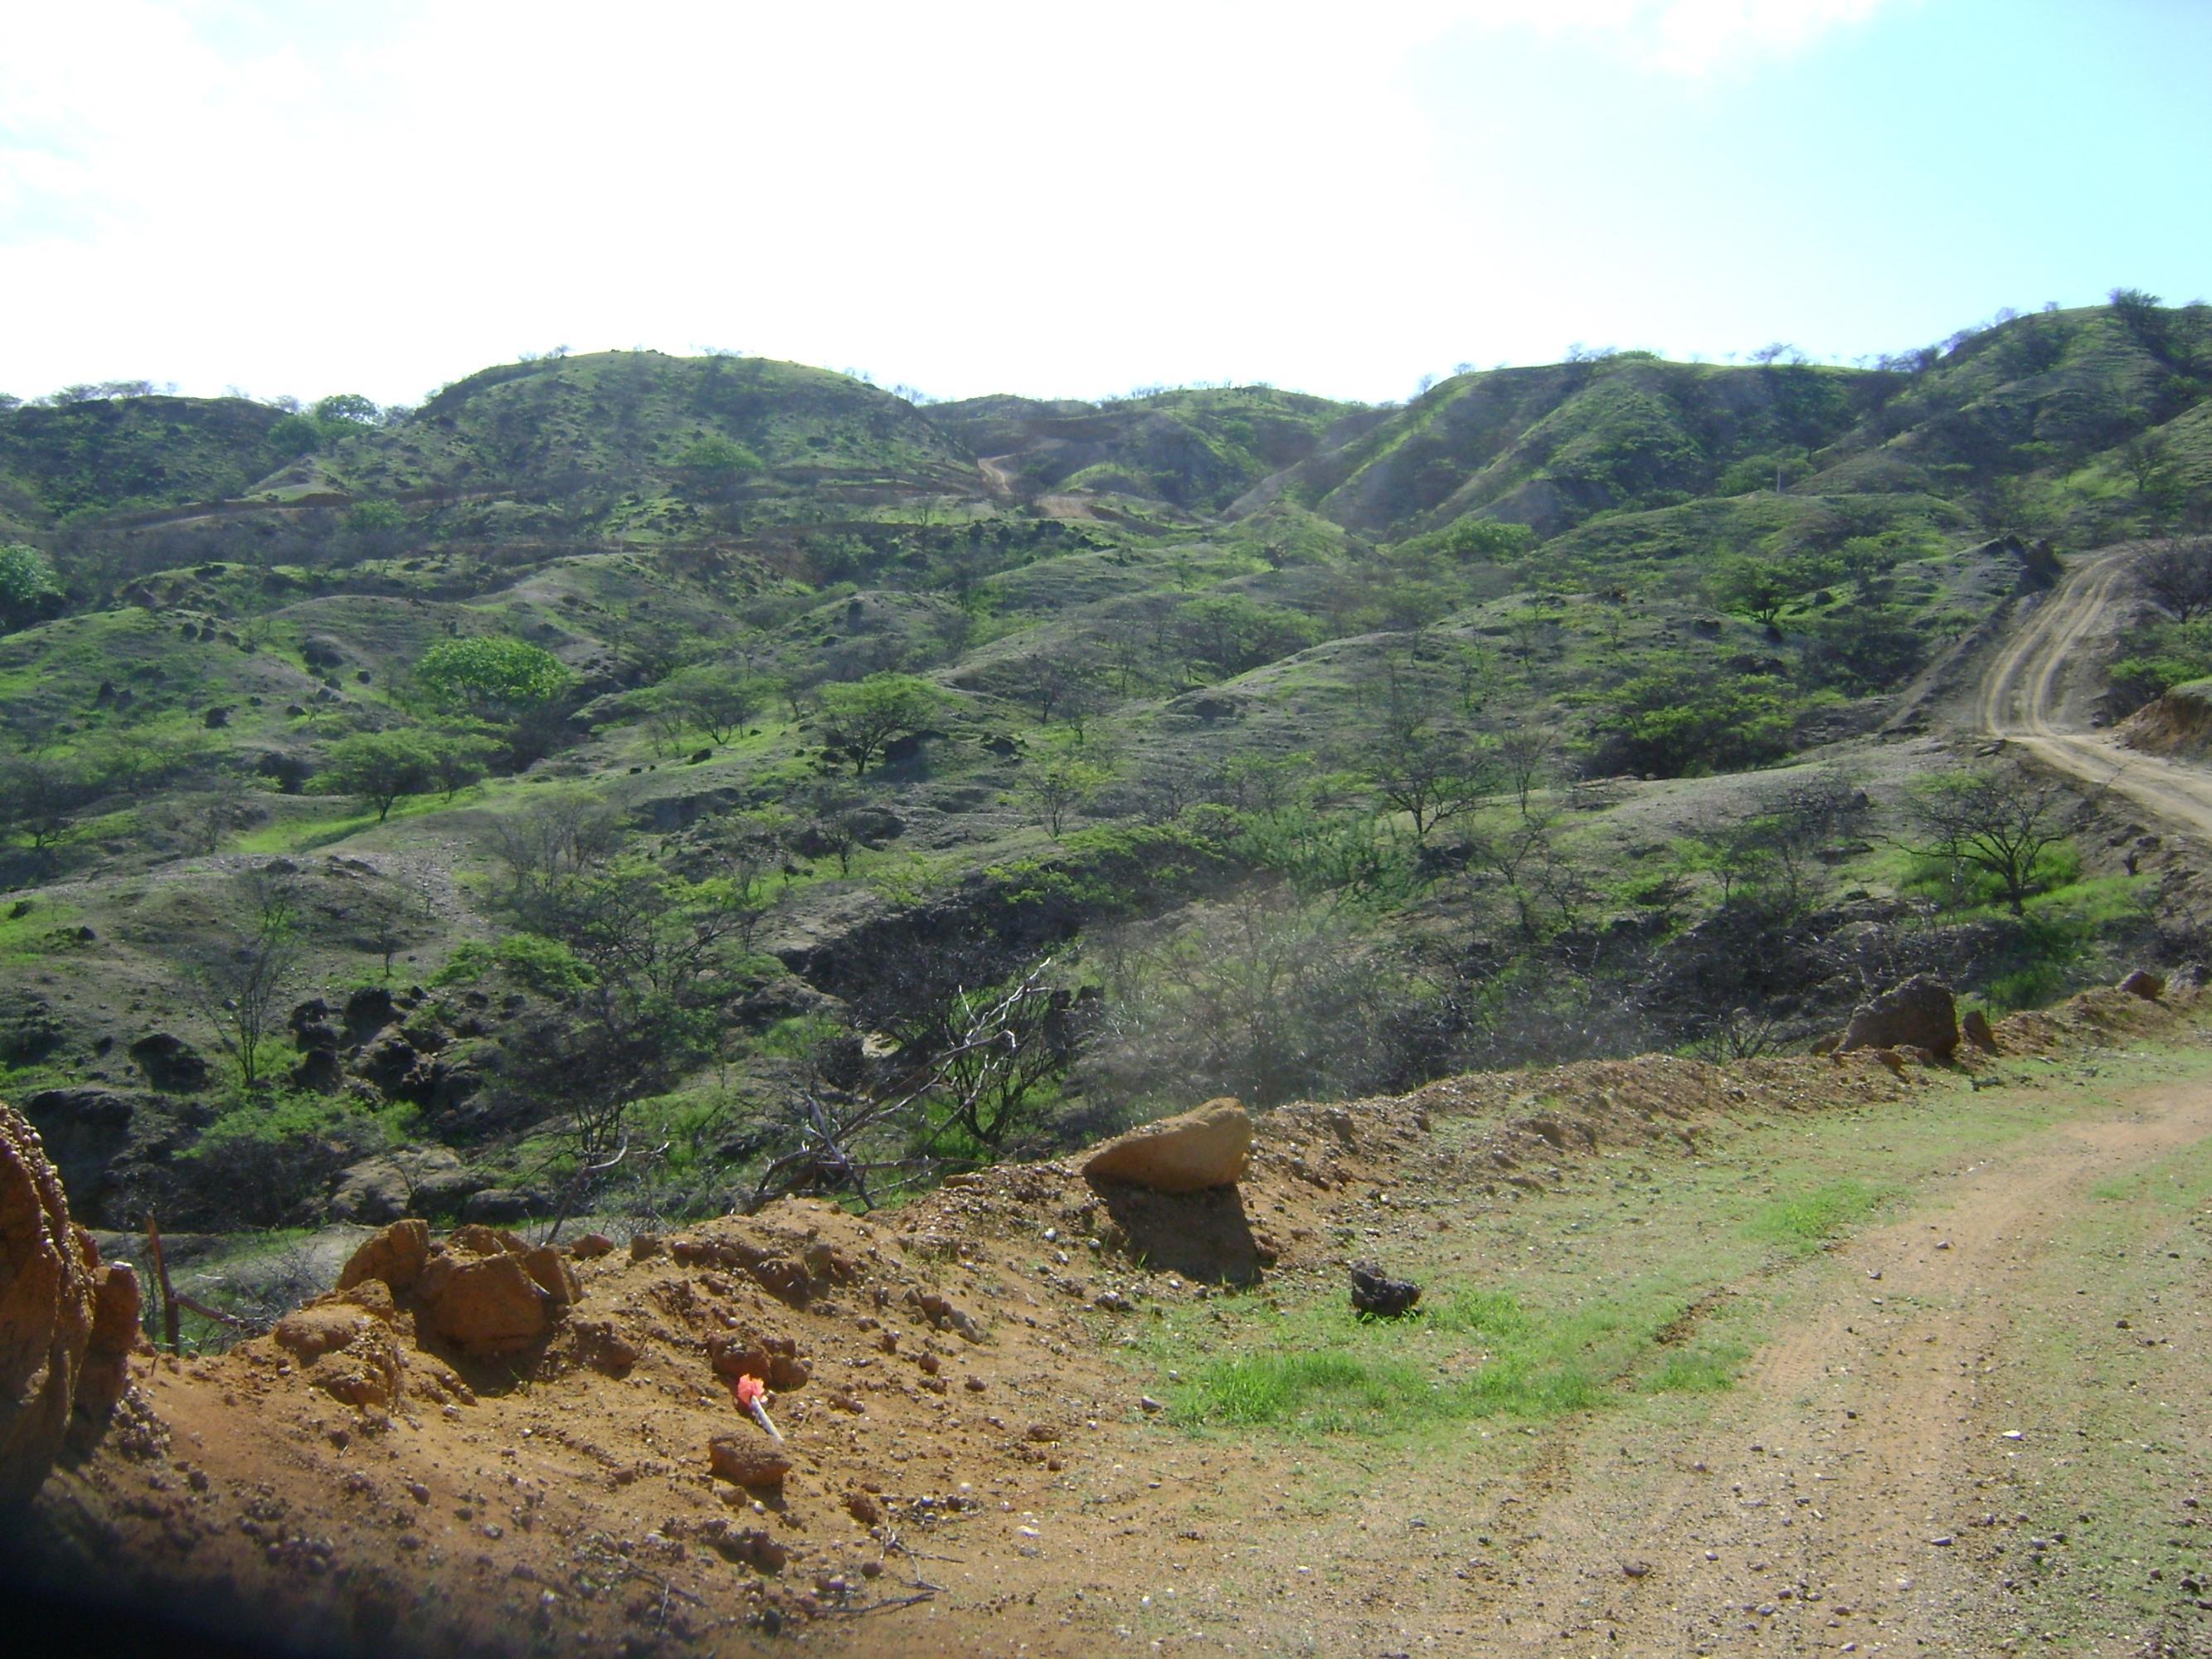 Road towards Falcon Canyons